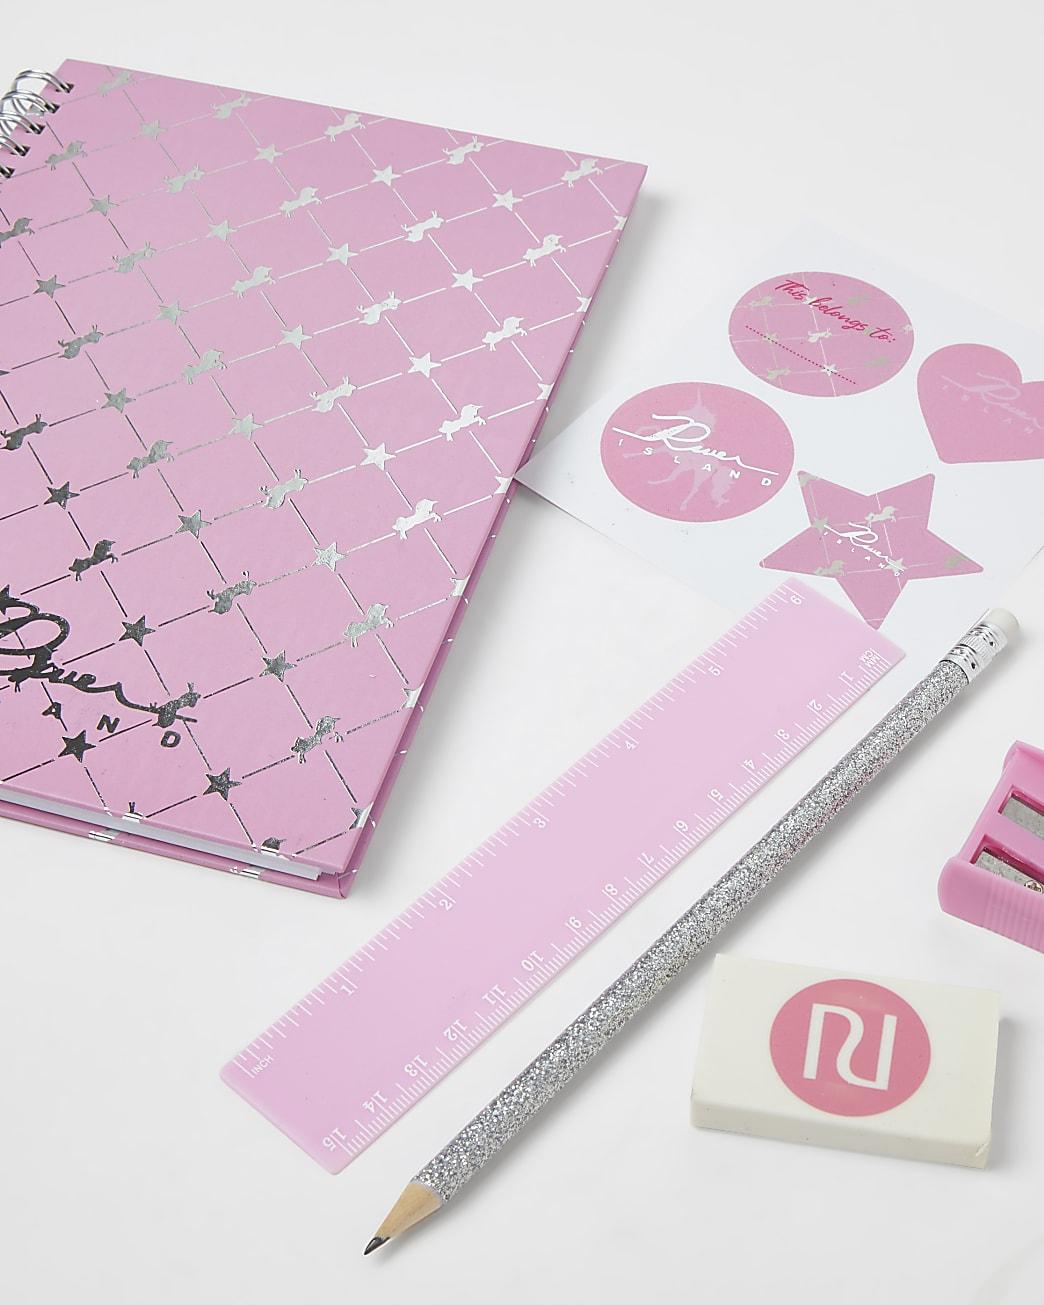 Pink unicorn stationery set